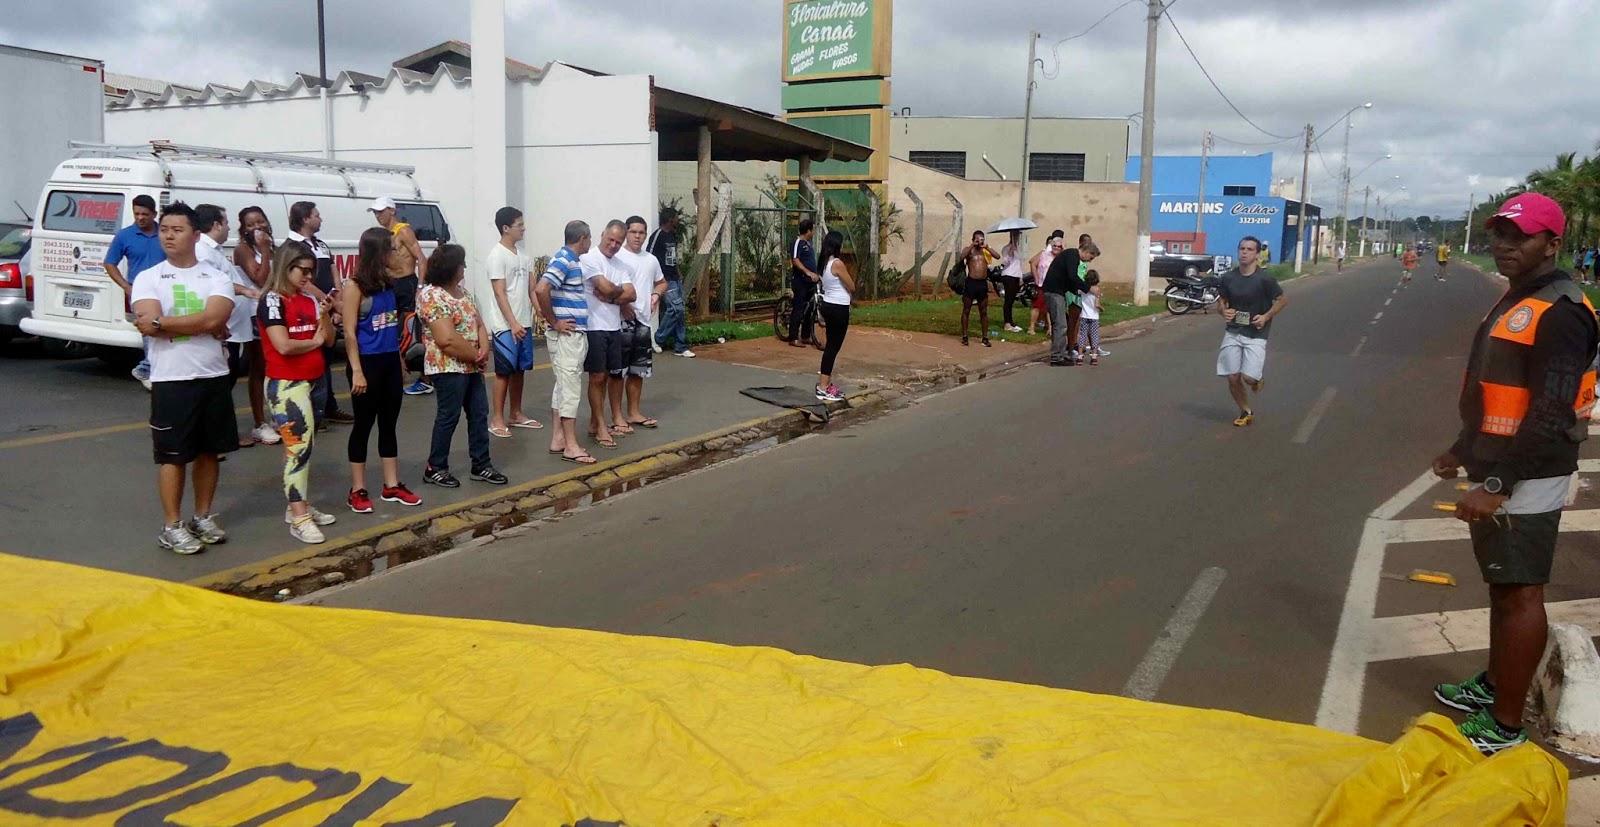 Foto 149 da 1ª Corrida Av. dos Coqueiros em Barretos-SP 14/04/2013 – Atletas cruzando a linha de chegada